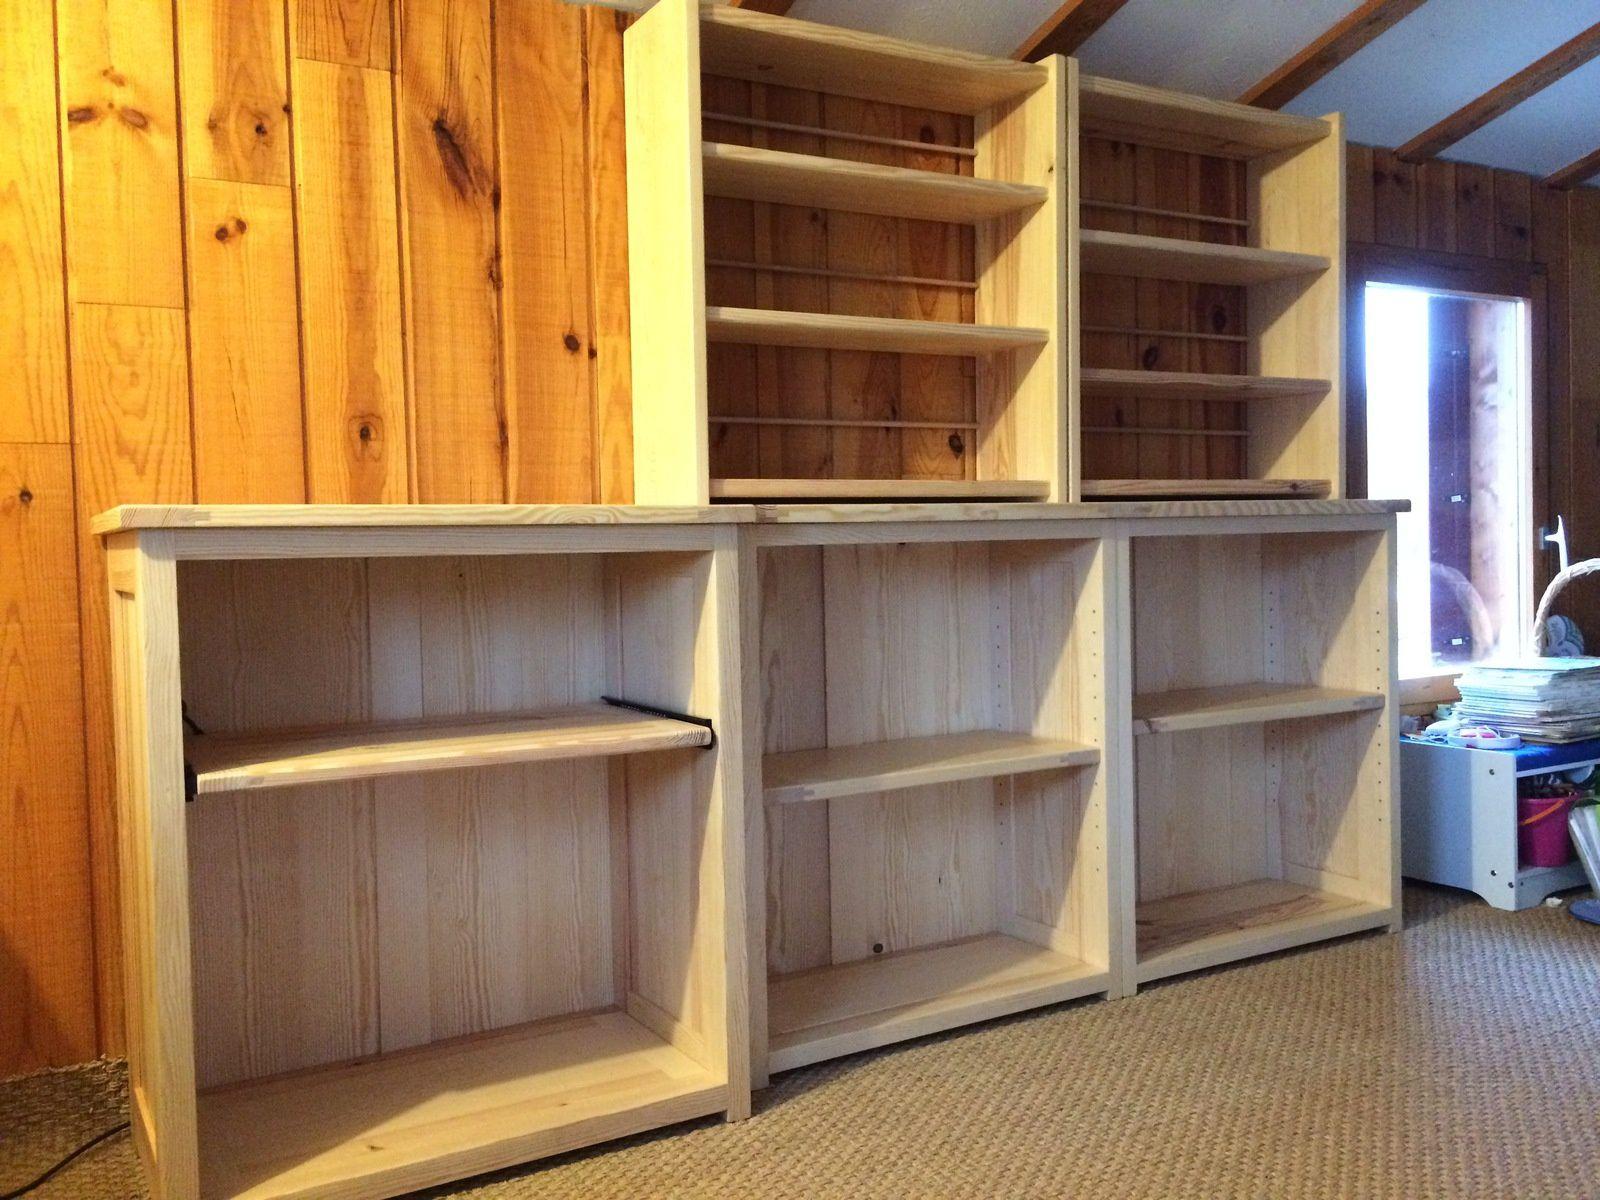 Deux meubles haut pour livres de poches et autres formats, avec étagères fixes (L.790mm, 260mm, hauteur 780mm). Pour retenir les livres à l'arrière du meuble une tige en bois à chaque niveau. Ces deux meubles peuvent également être posés au sol pour un autre aménagement.